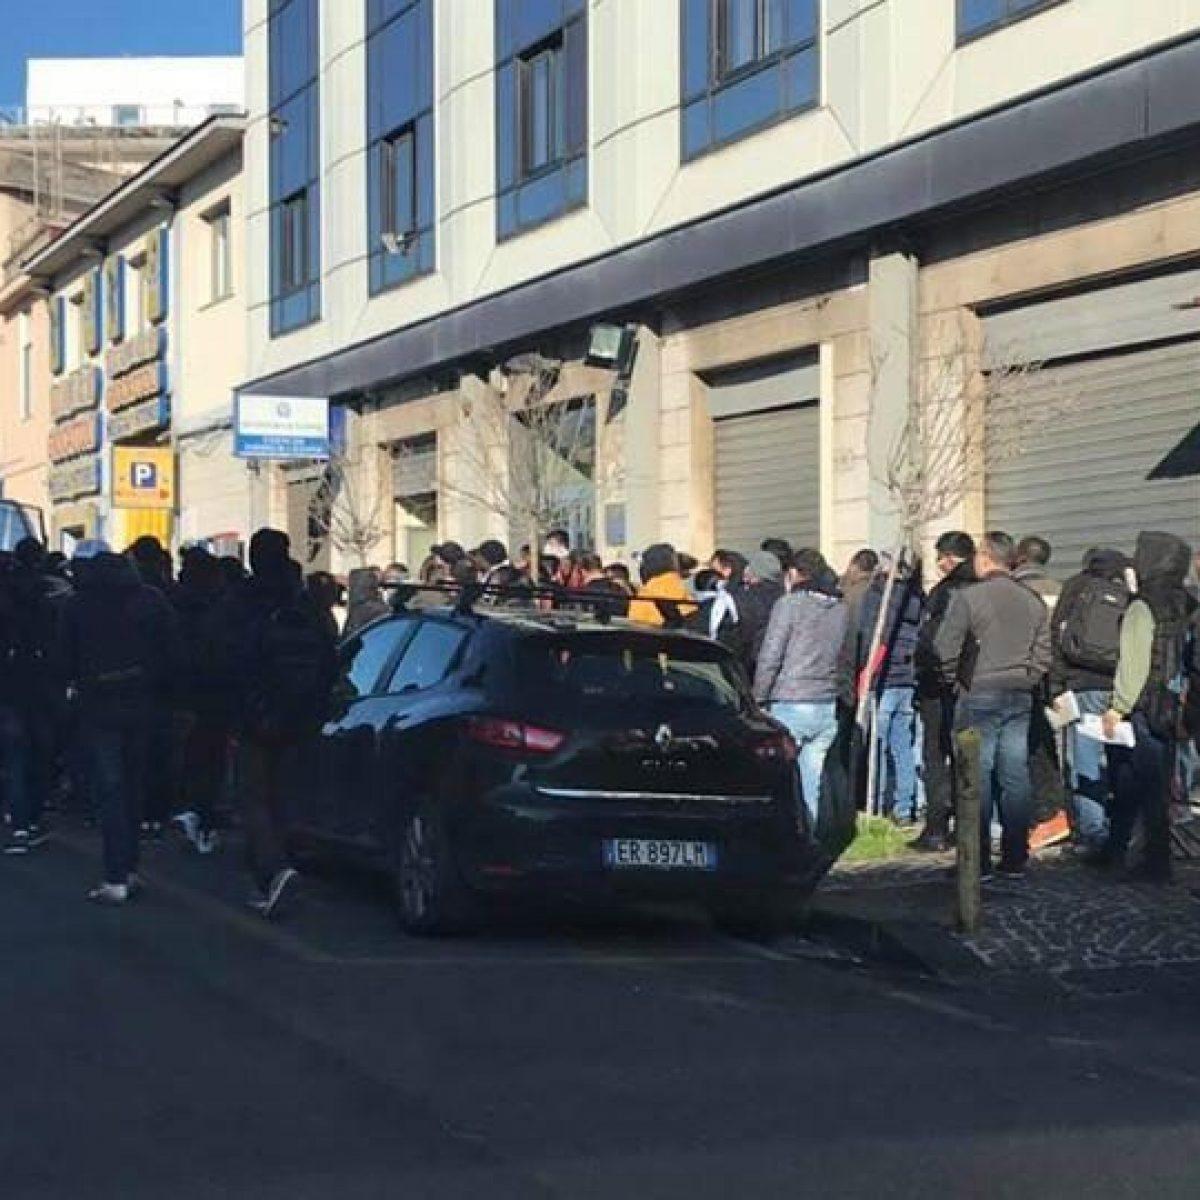 Folla All Ufficio Immigrazione Di Napoli La Questura Lo Chiude